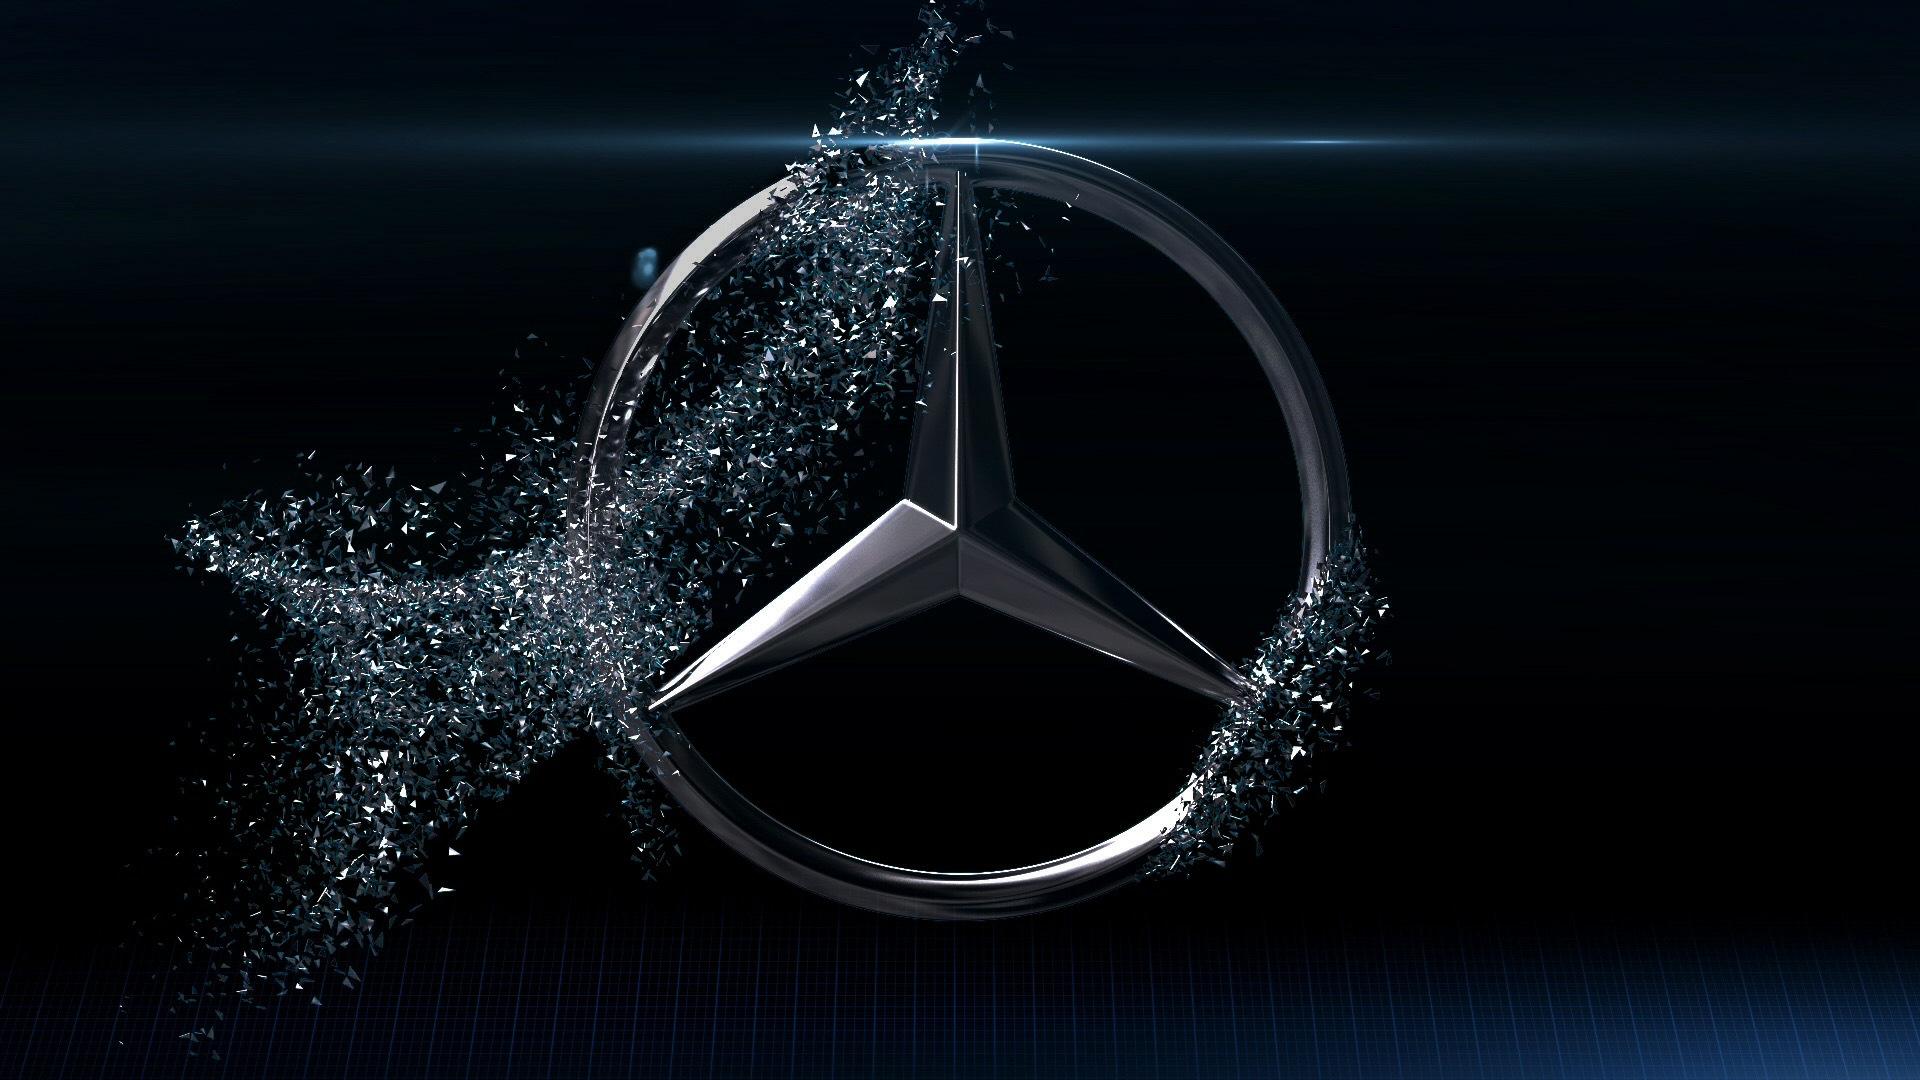 Обои На Телефон Mercedes